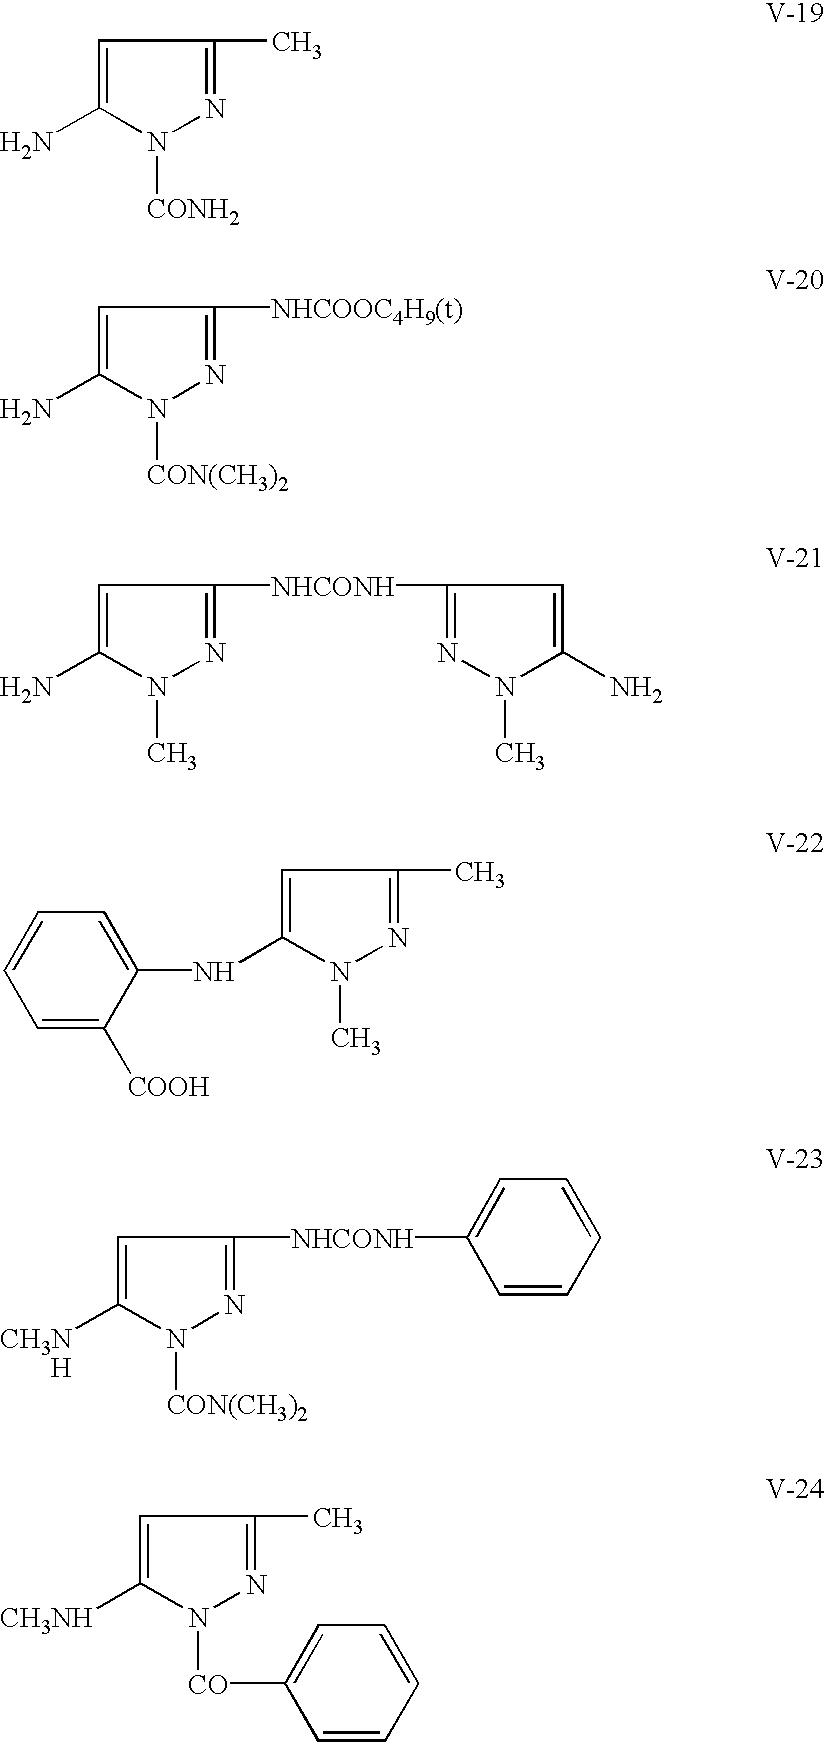 Figure US06495225-20021217-C00015